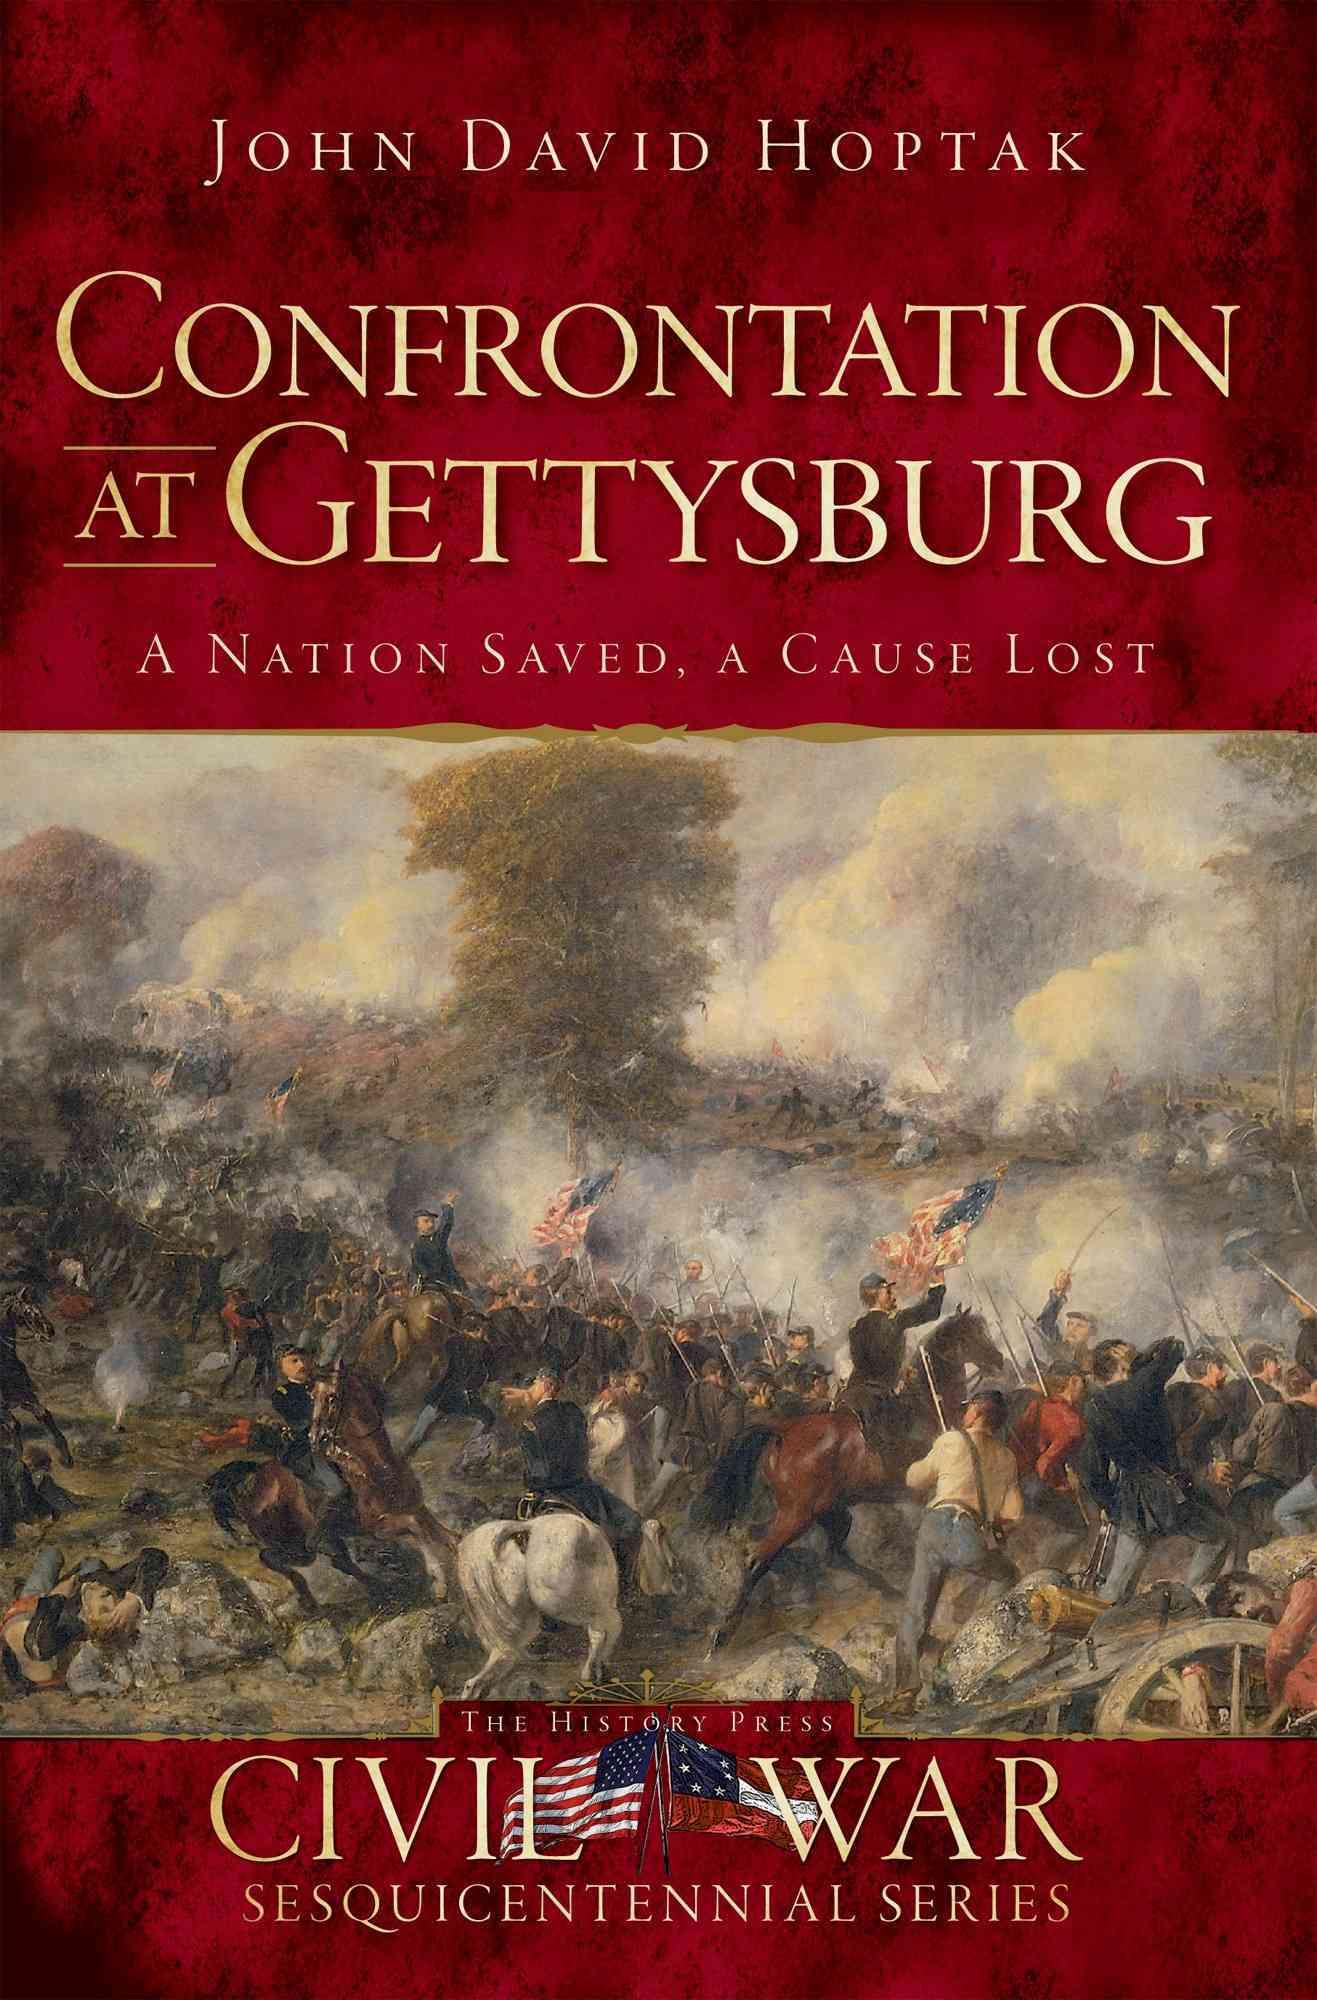 Battle of Gettysburg By Hoptak, John